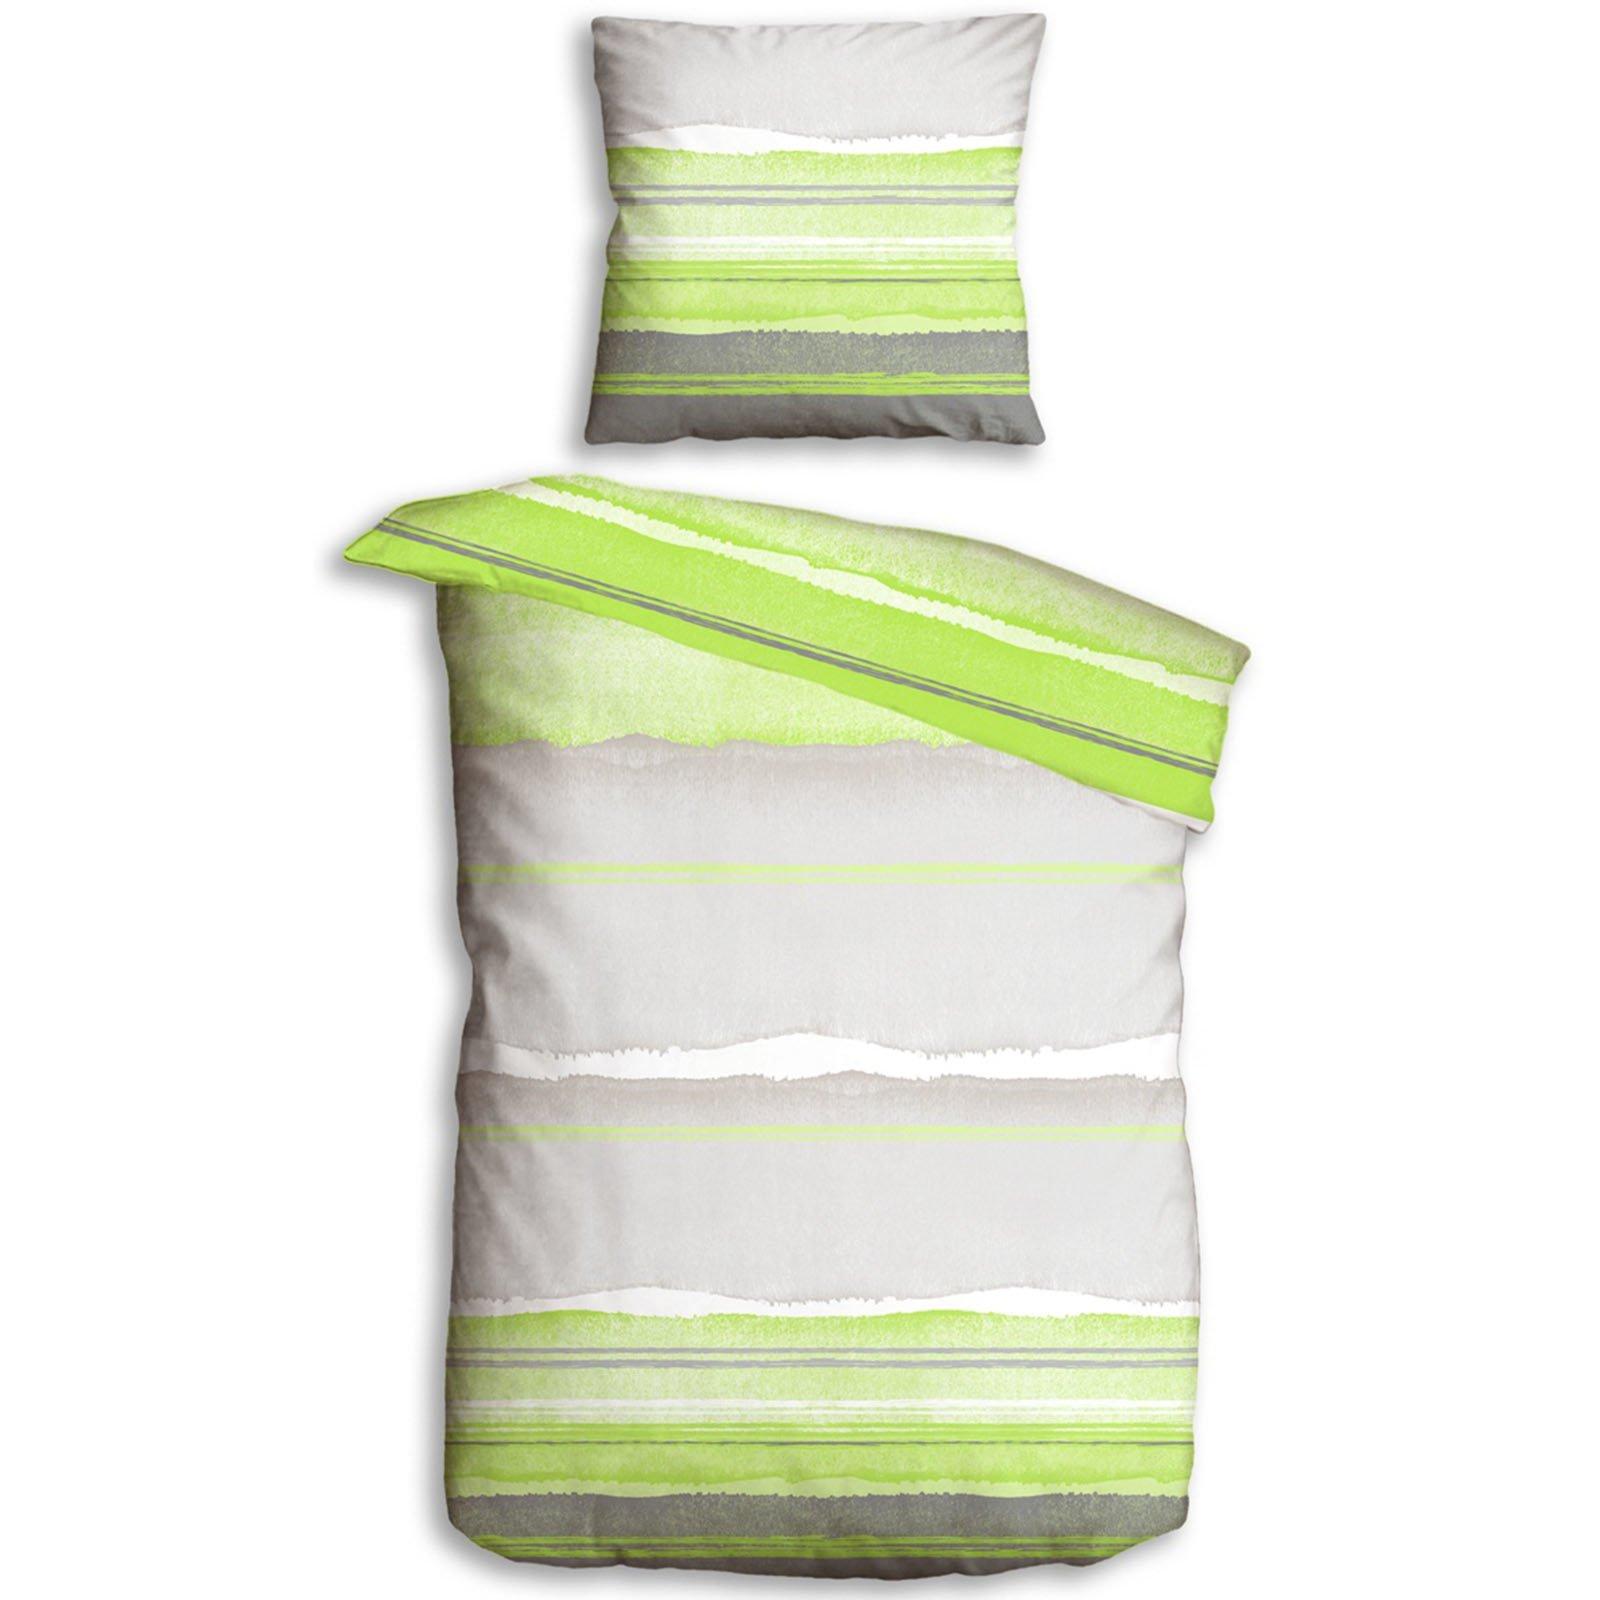 microfaser bettw sche softy capri gr n 135x200 cm bettw sche bettw sche bettlaken. Black Bedroom Furniture Sets. Home Design Ideas